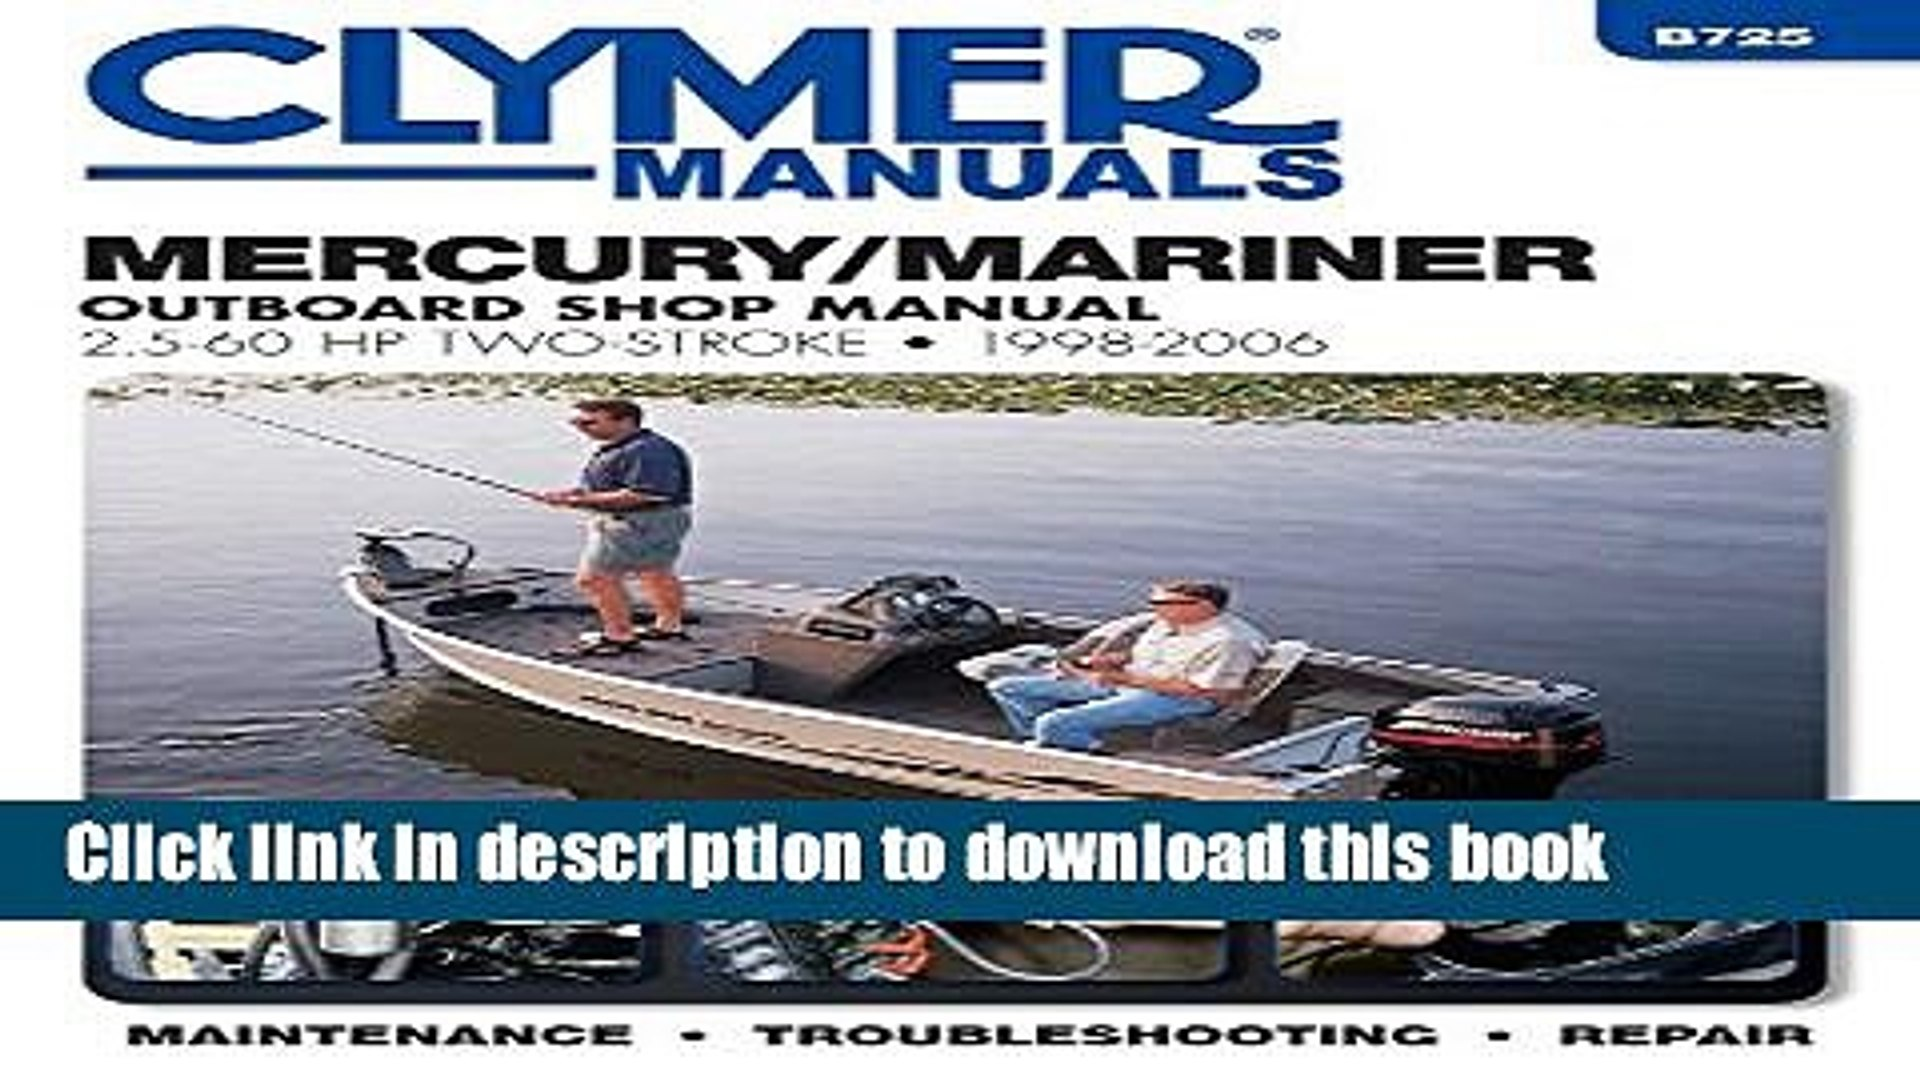 B725 Mercury Marine 2.5-60hp 1998-2006 Outboard Motor Service Repair Shop Manual